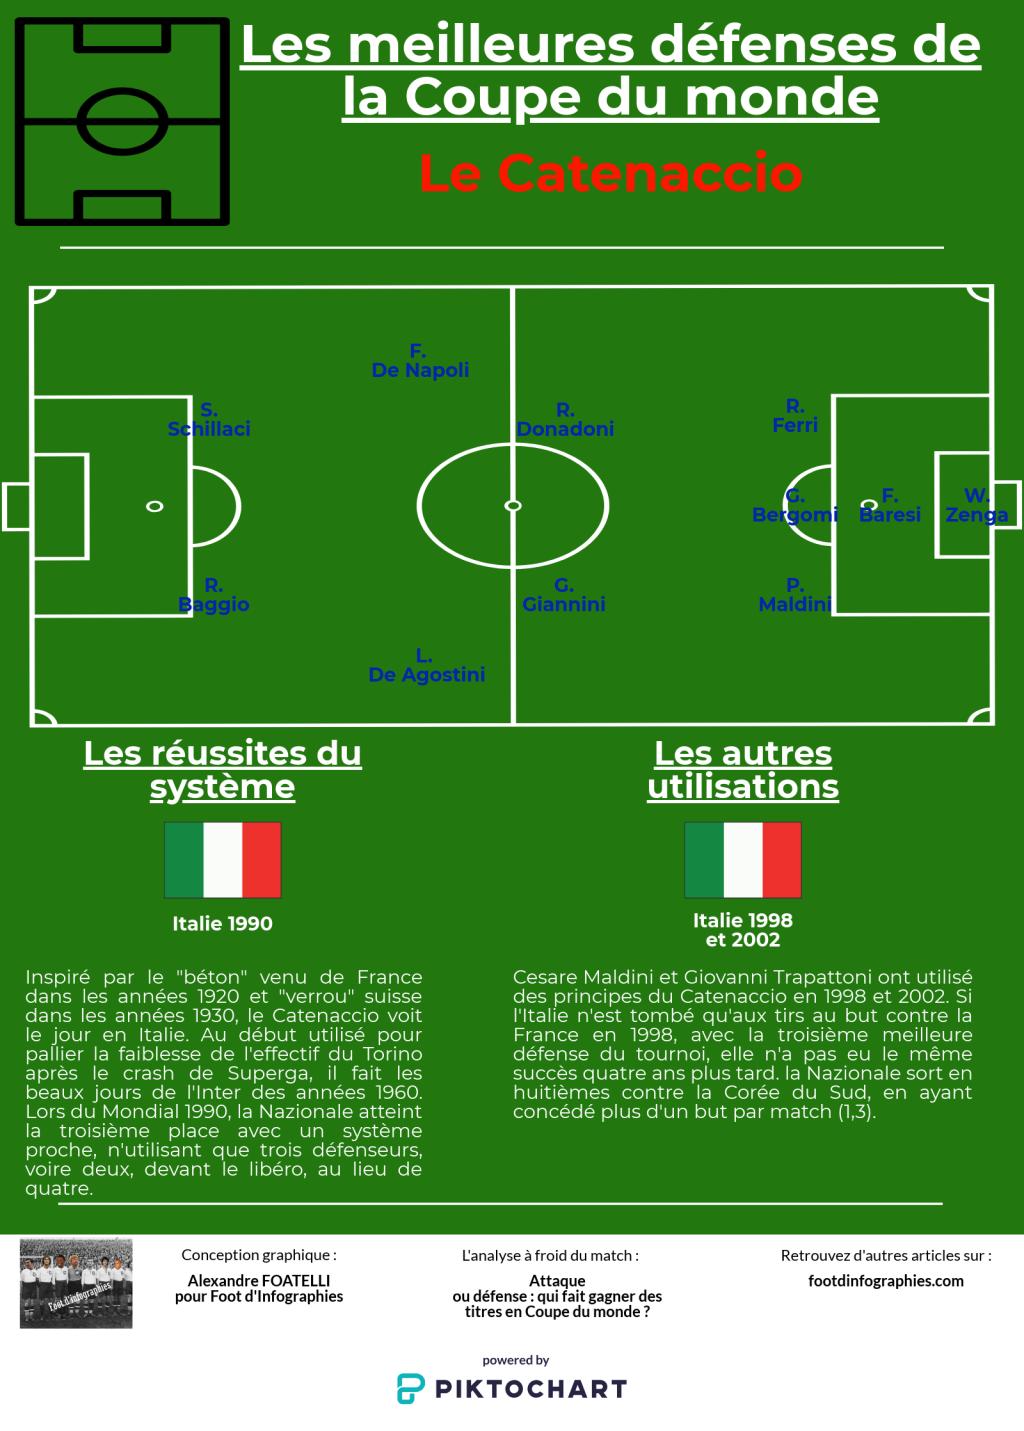 le-catenaccio-meilleures-défenses-coupe-du-monde-foot-dinfographies